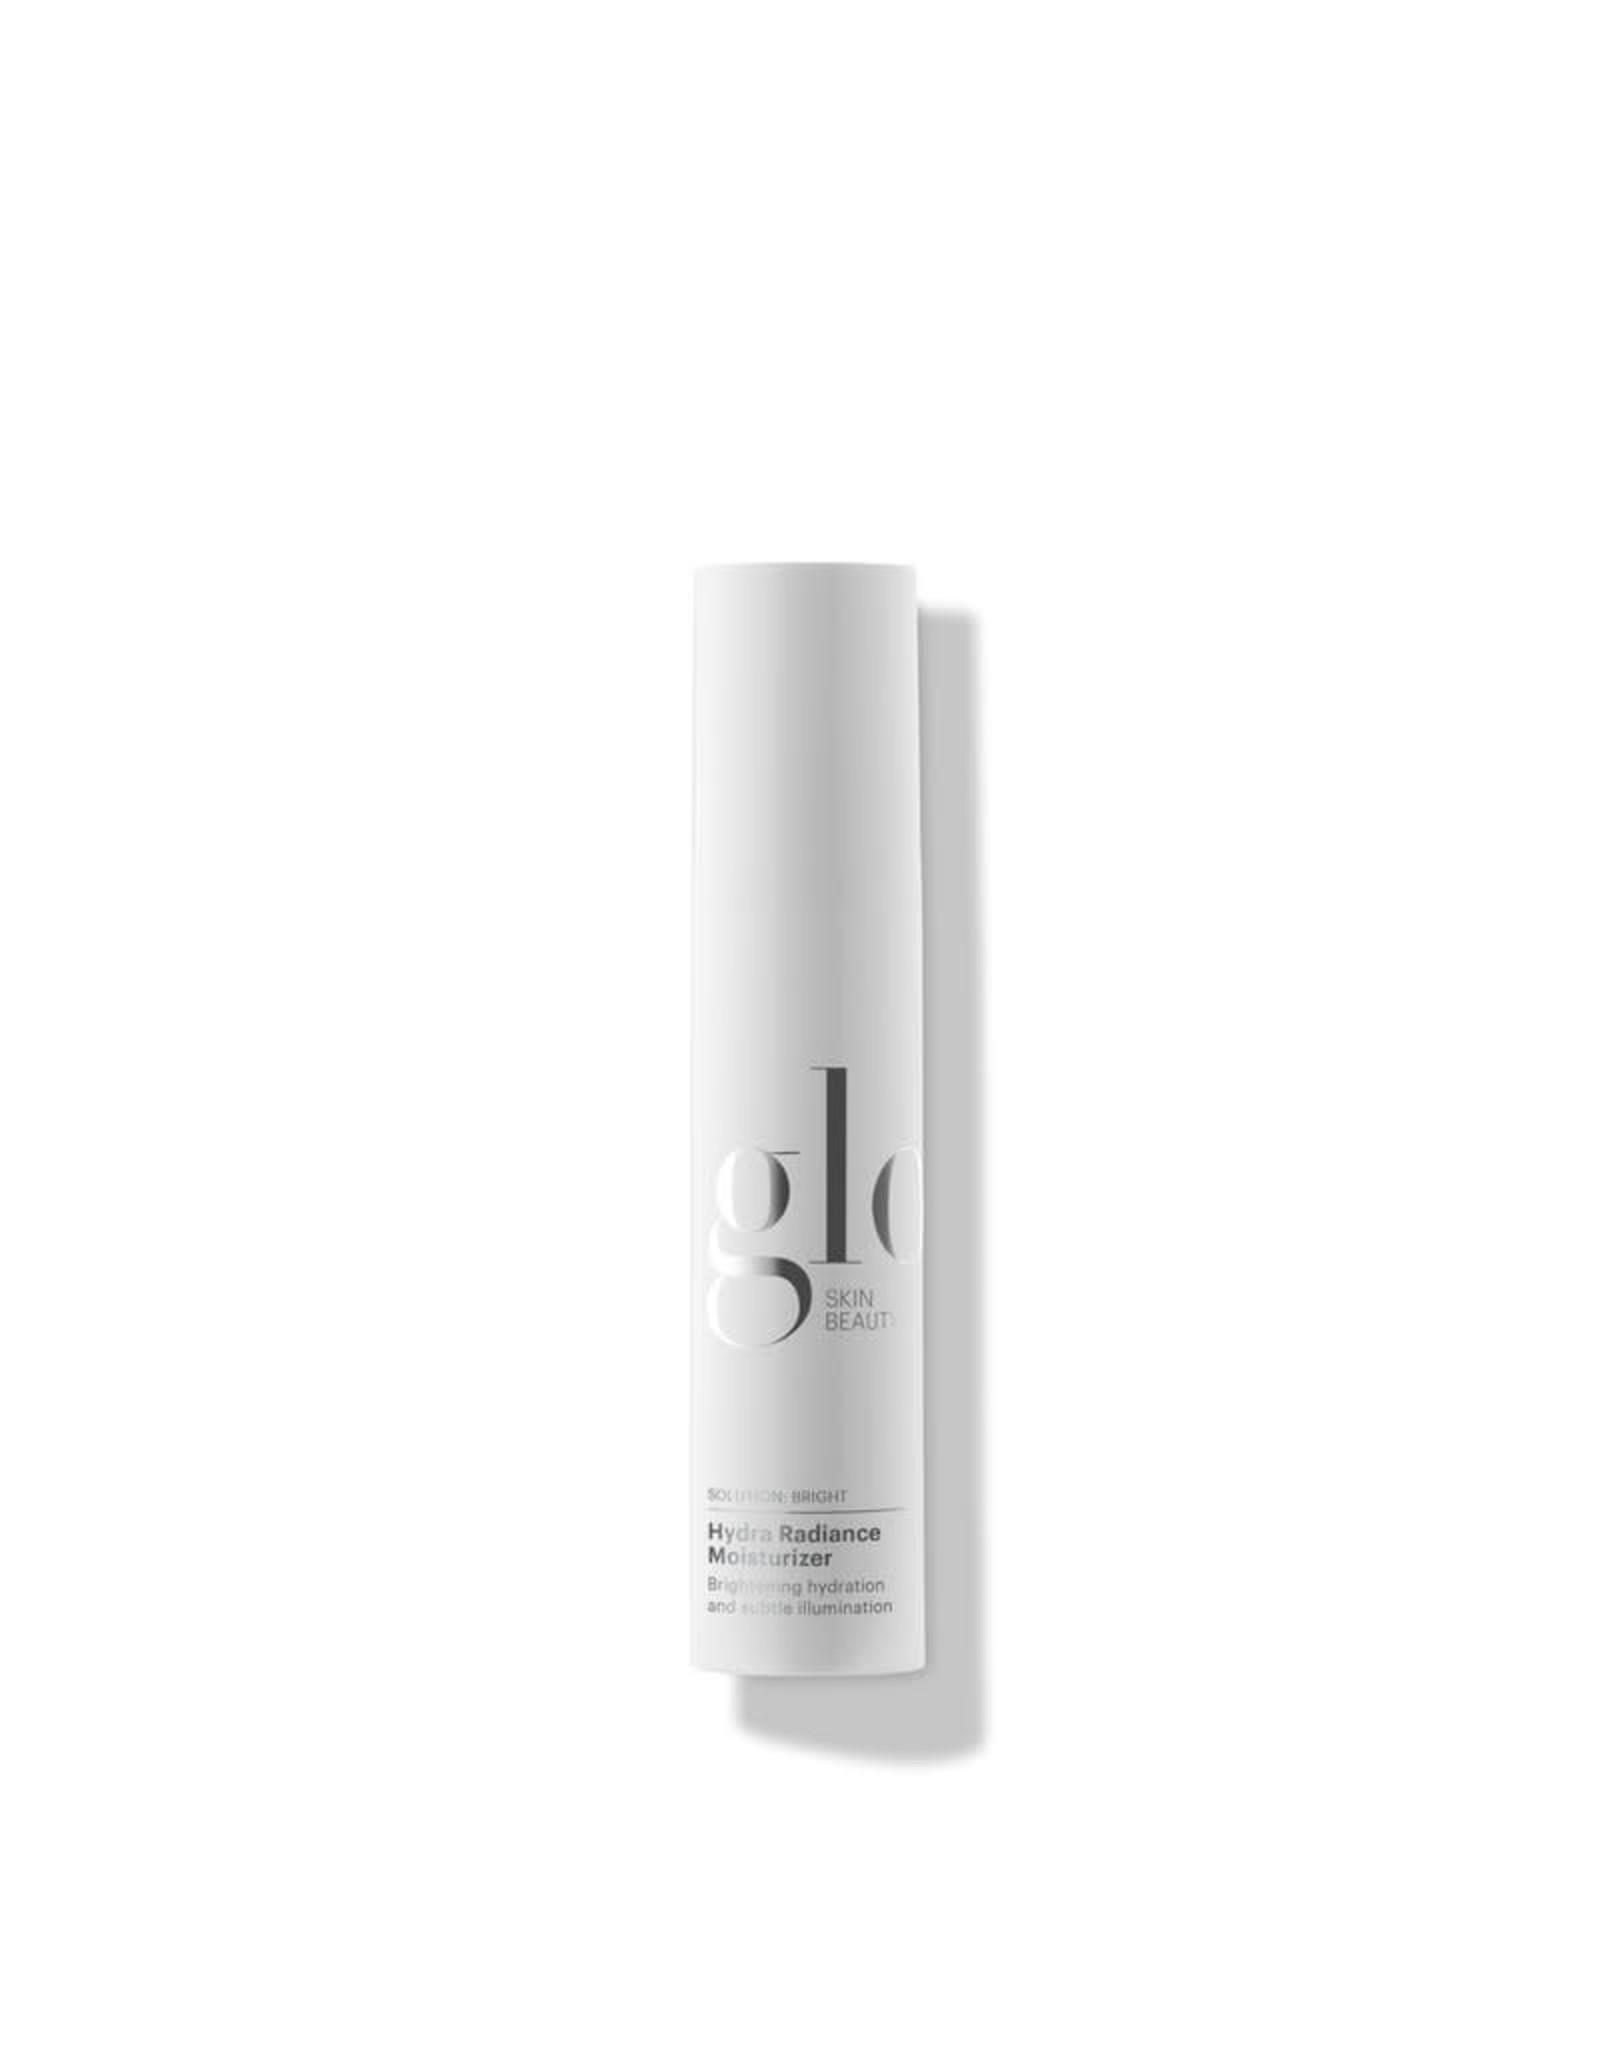 Glo Skin Beauty Hydra Radiance Moisturizer